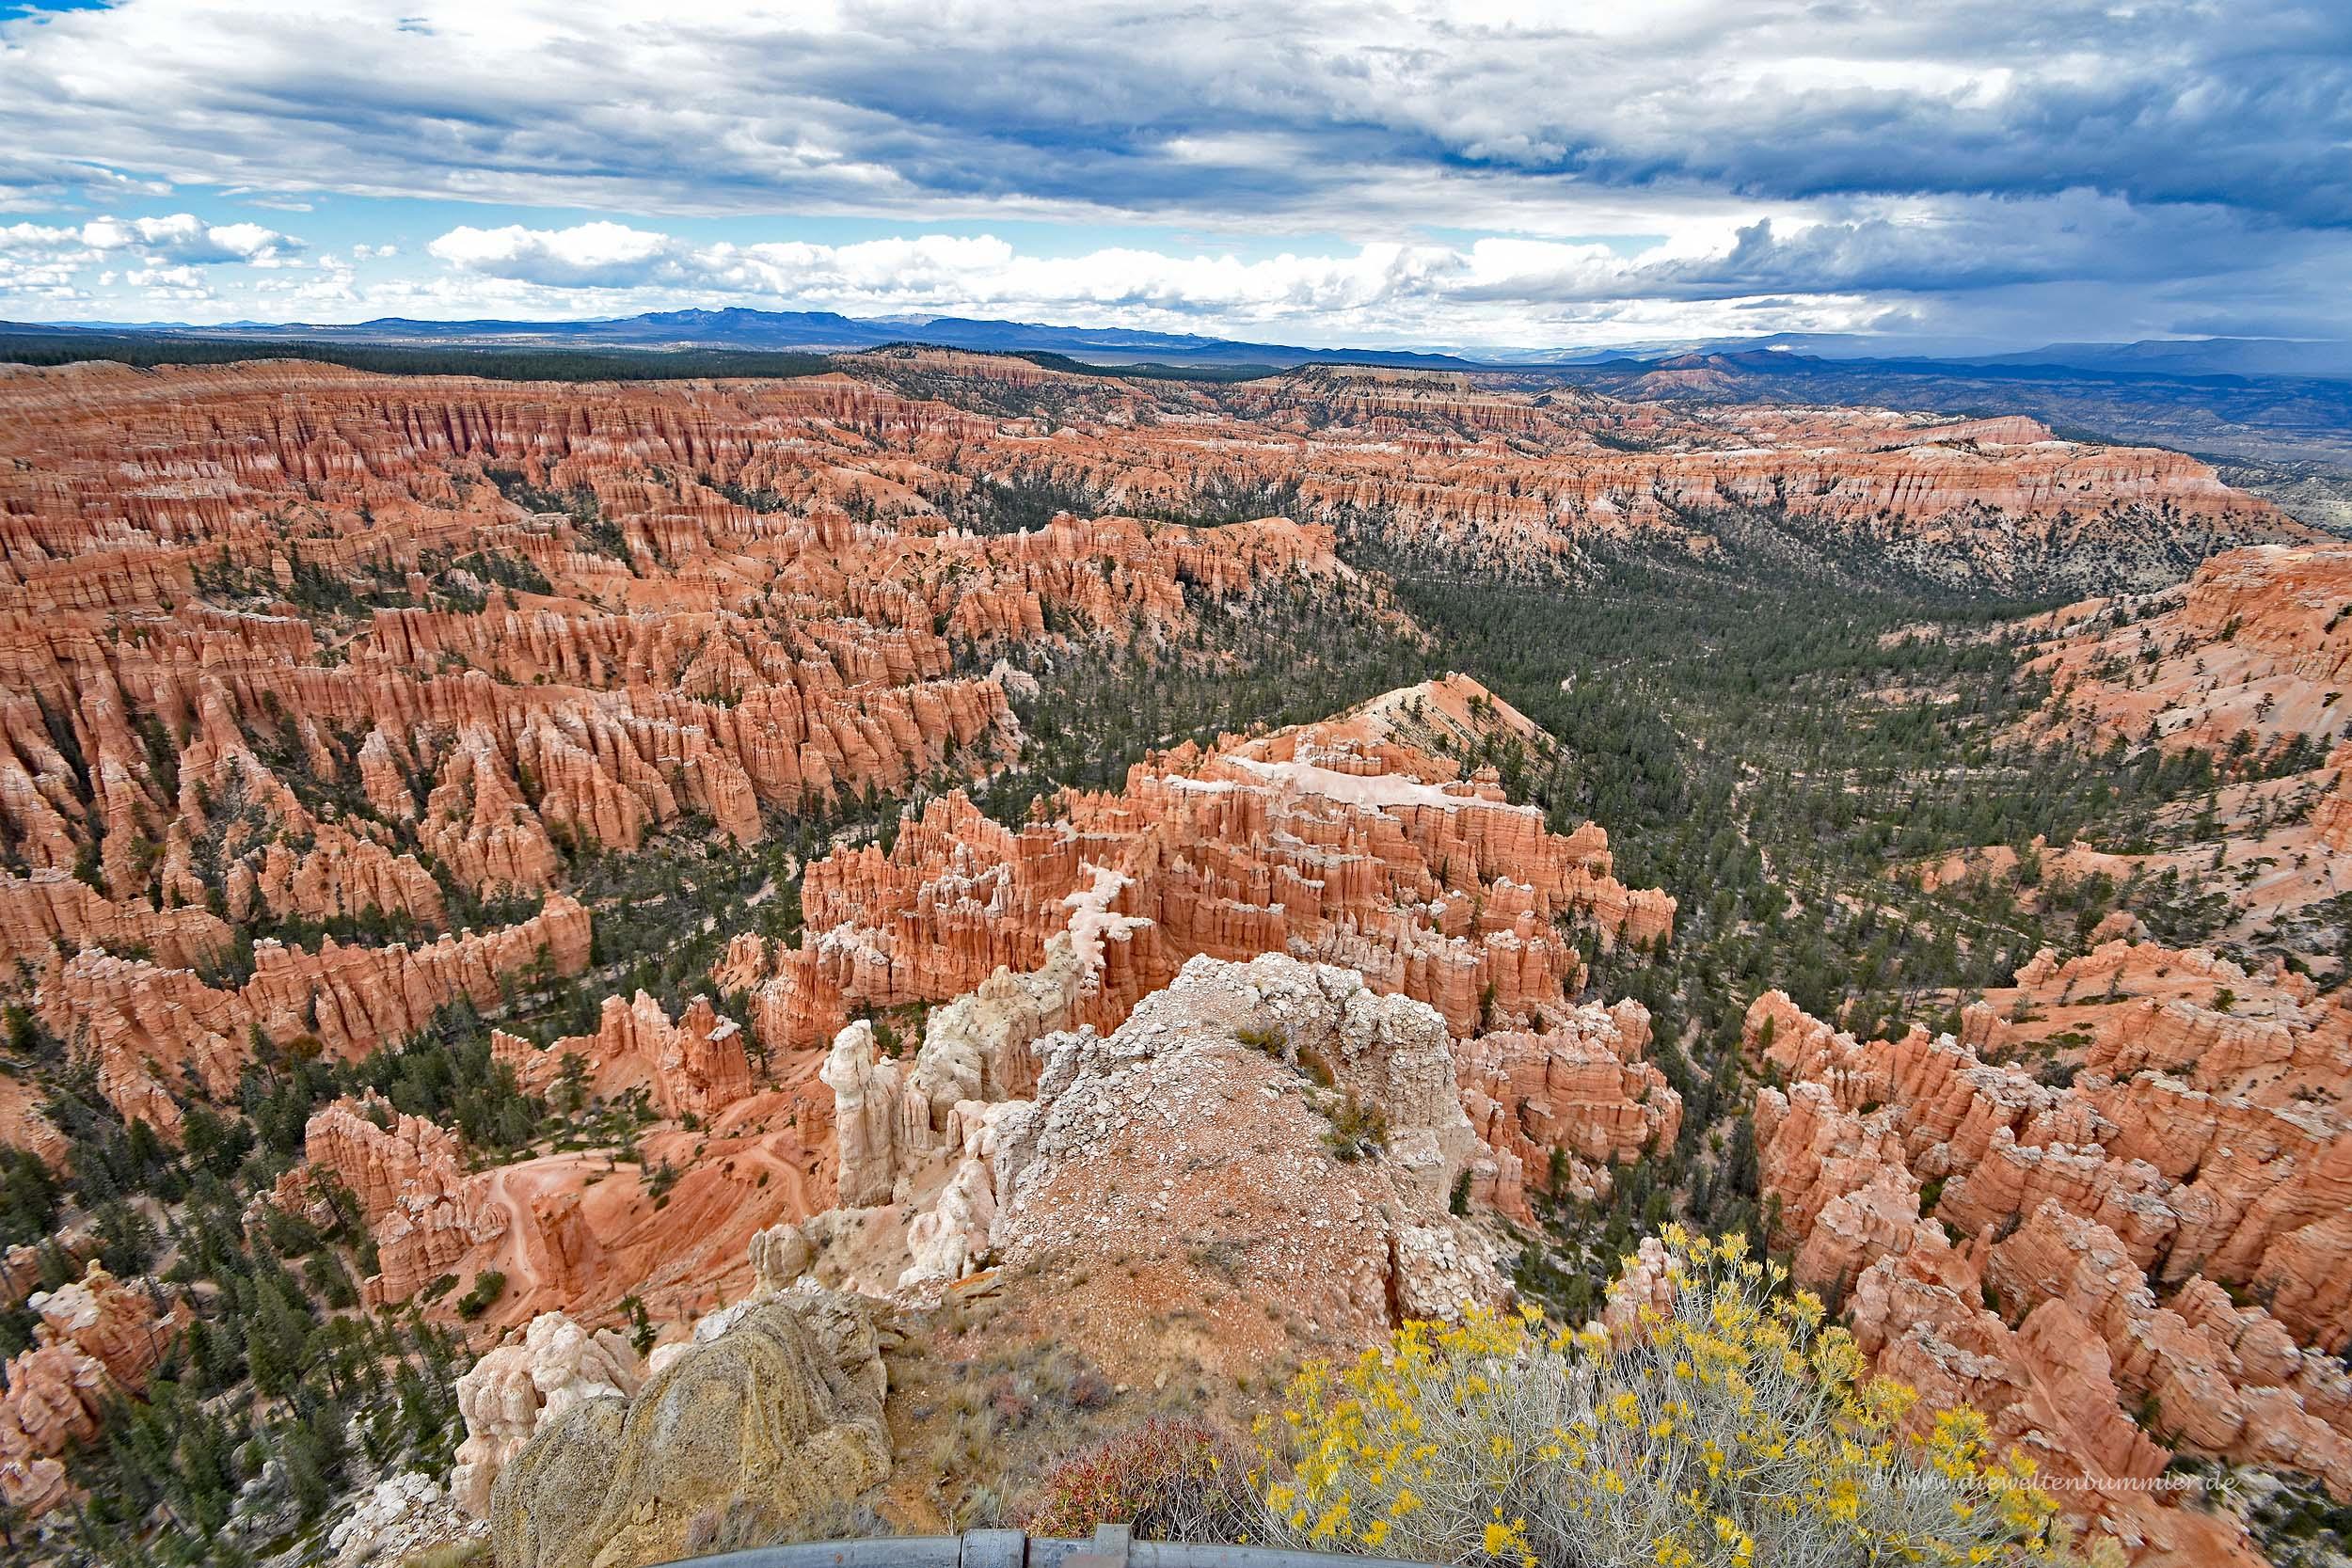 Traumhafter Ausblick auf den Nationalpark